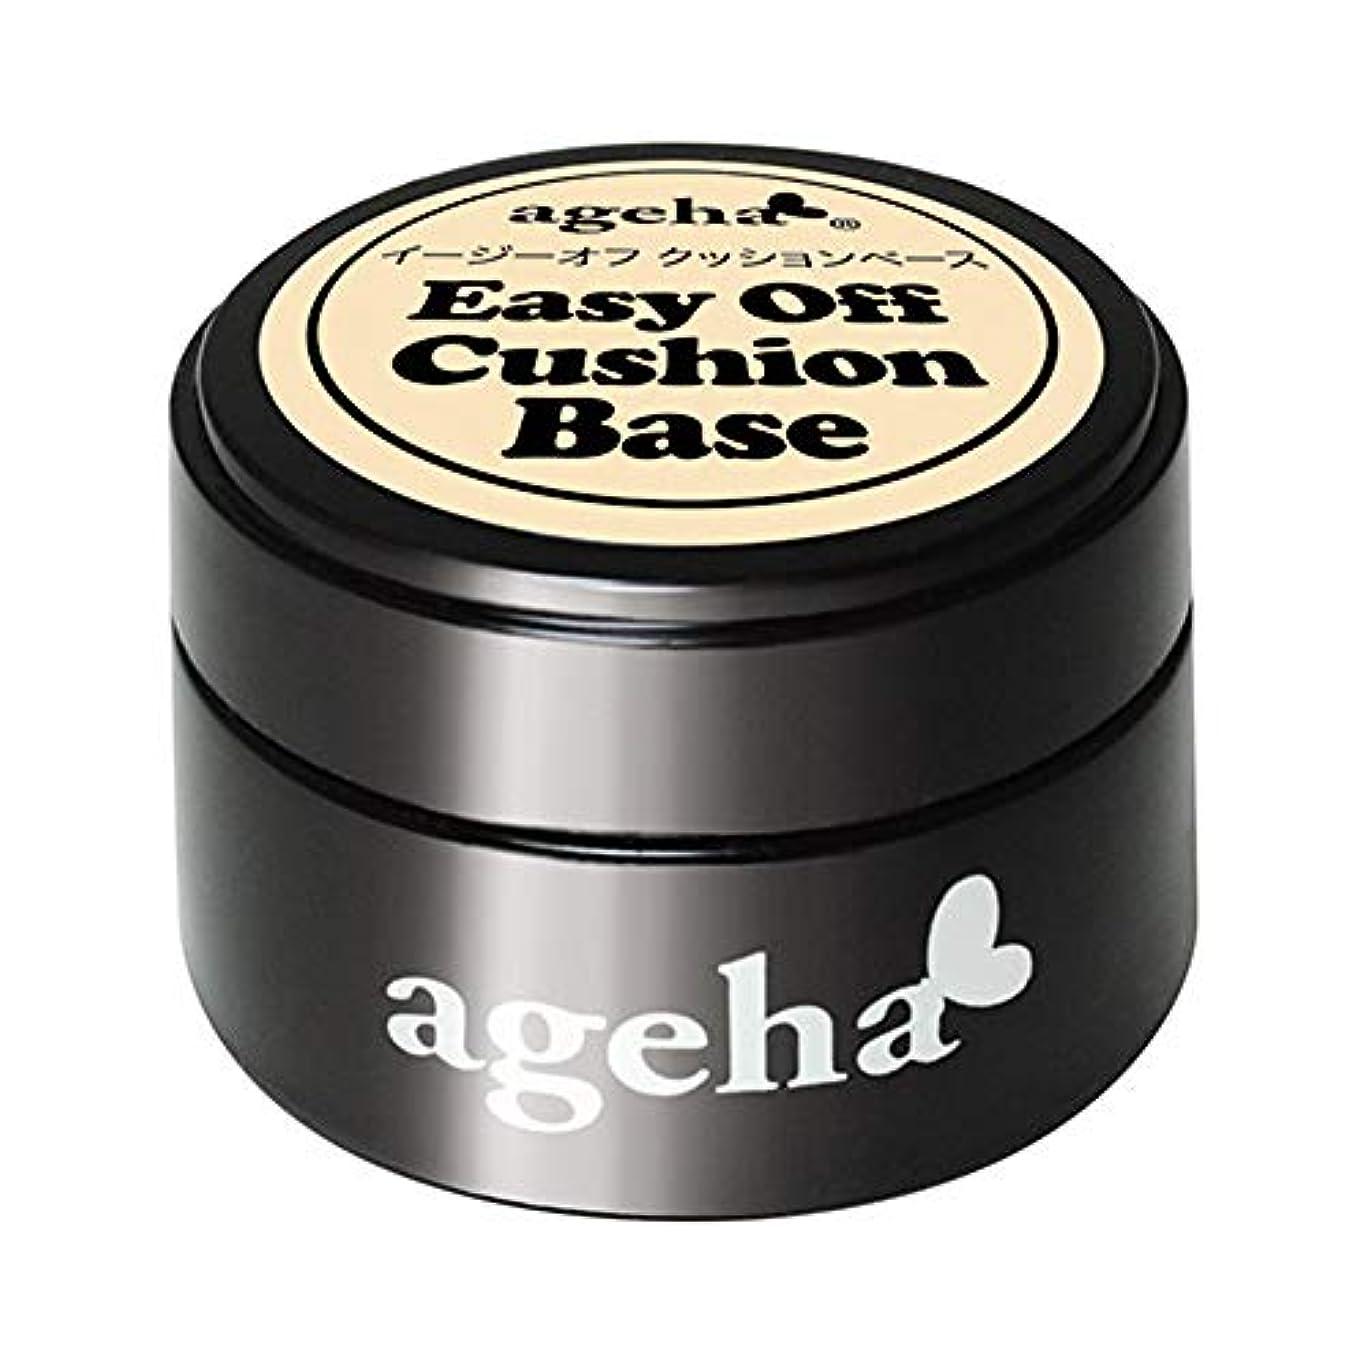 原子脚丁寧agehagel(アゲハジェル) ageha イージーオフ クッションベース 7.5g UV/LED対応 ジェルネイル